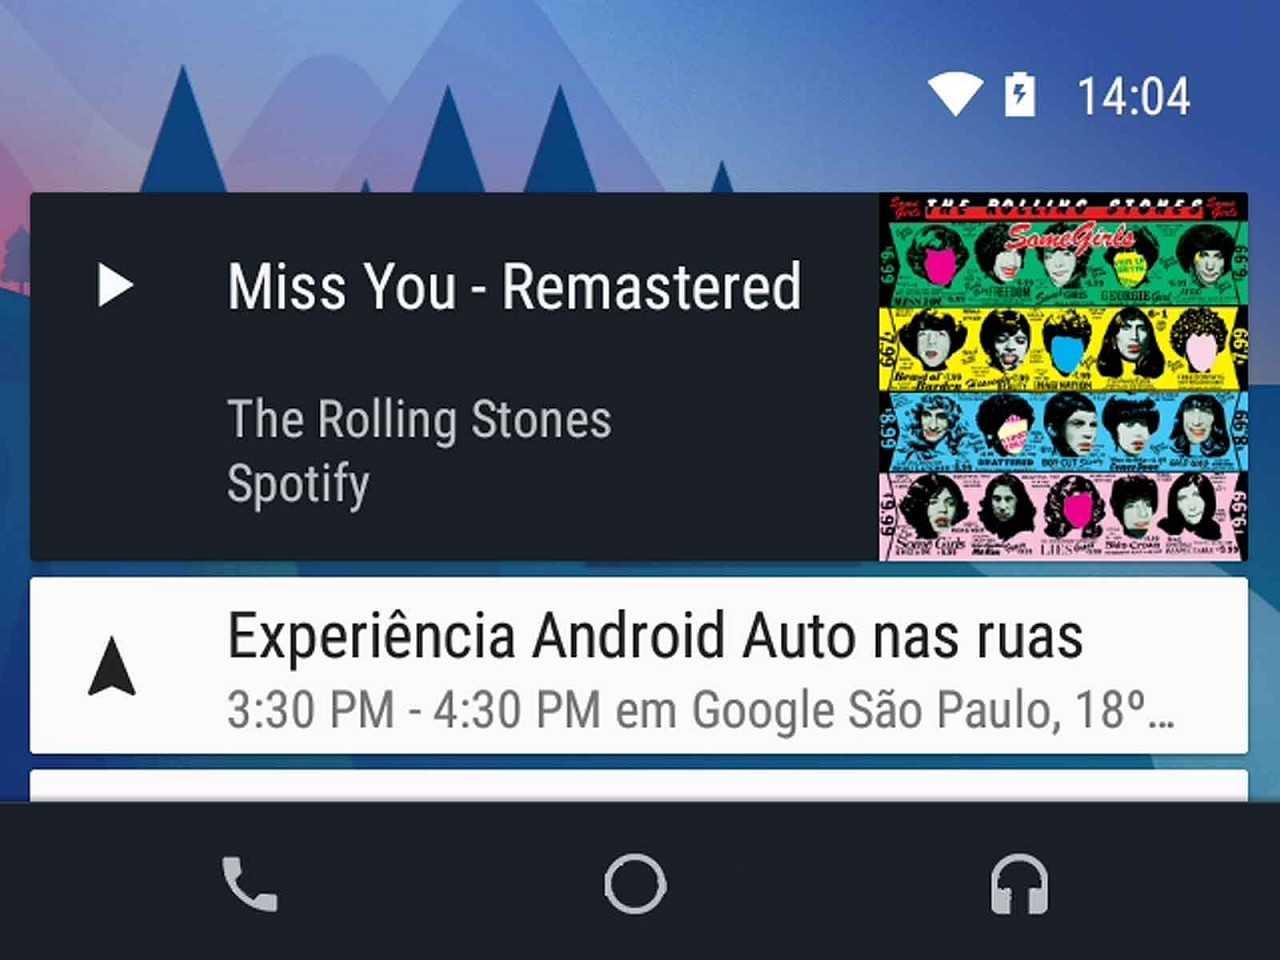 Tela mostrando uma das funções do Android Auto